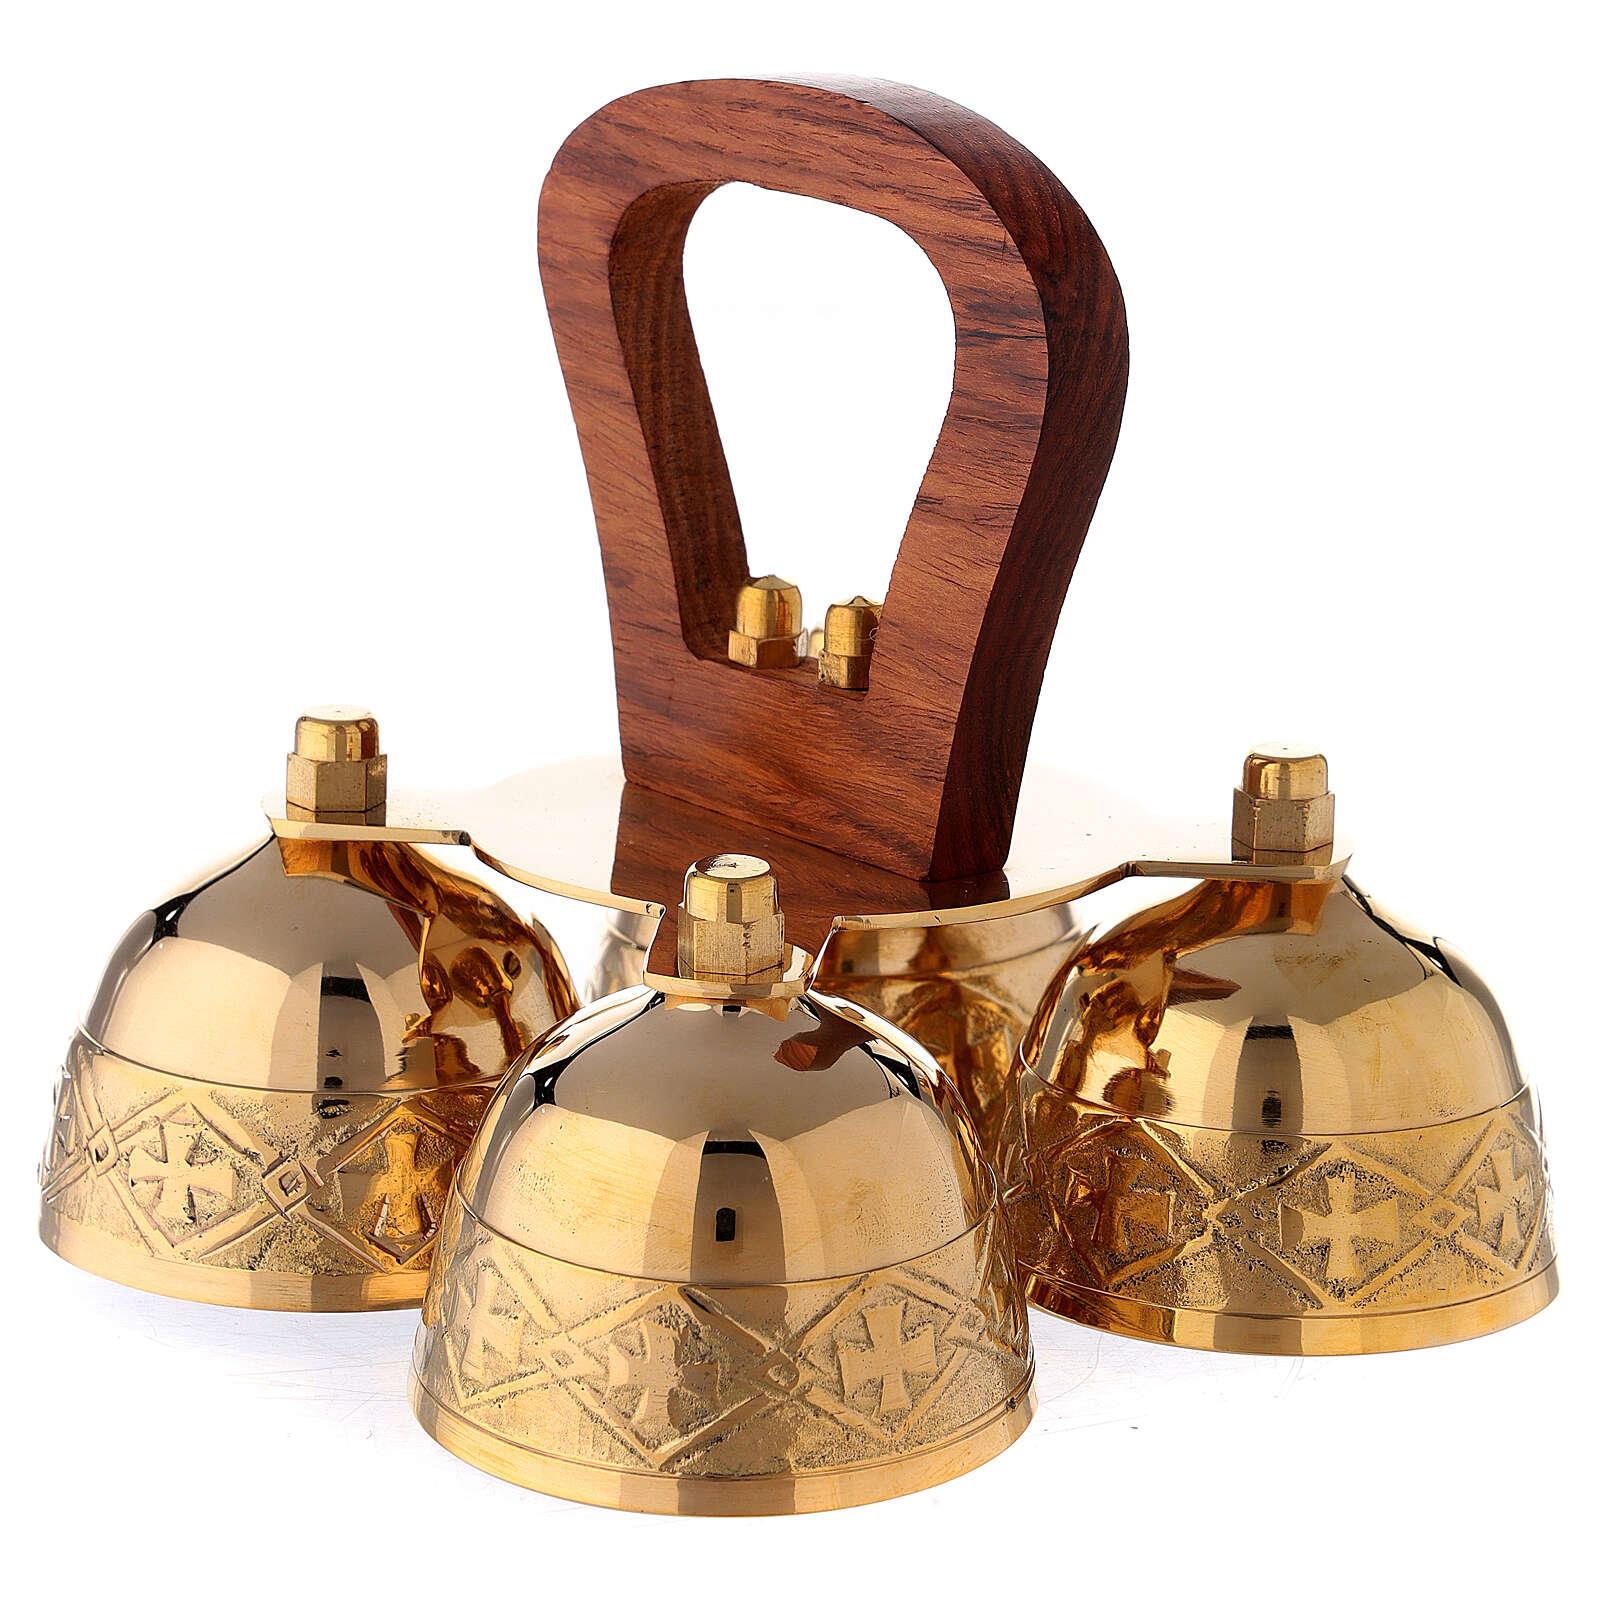 Campanello liturgico 4 suoni manico legno ottone 3